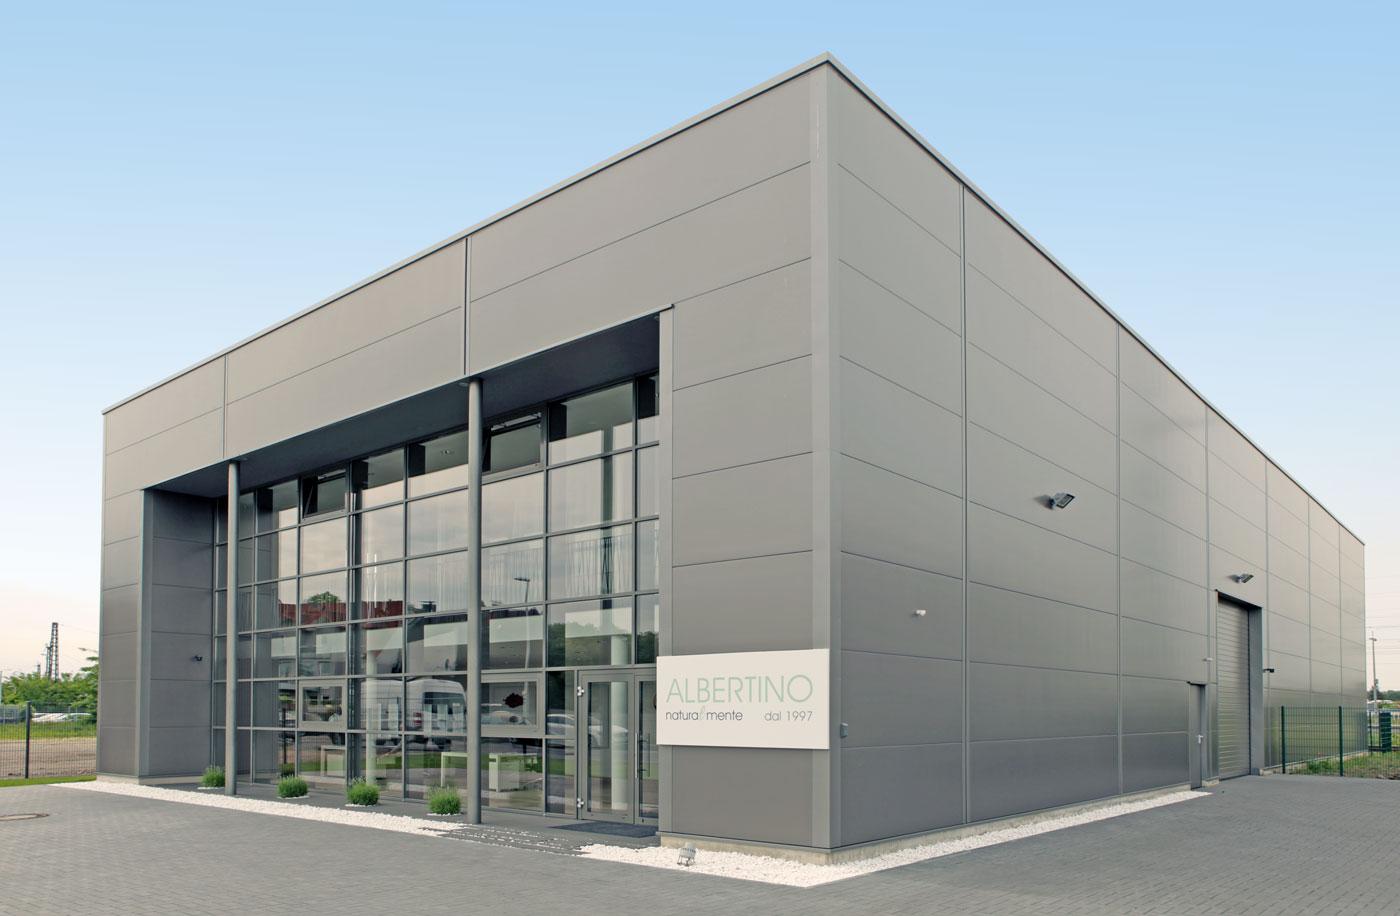 Albertino GmbH - Prodotti per imprenditori di gelato - Bahnhofsallee 15 40721 Hilden